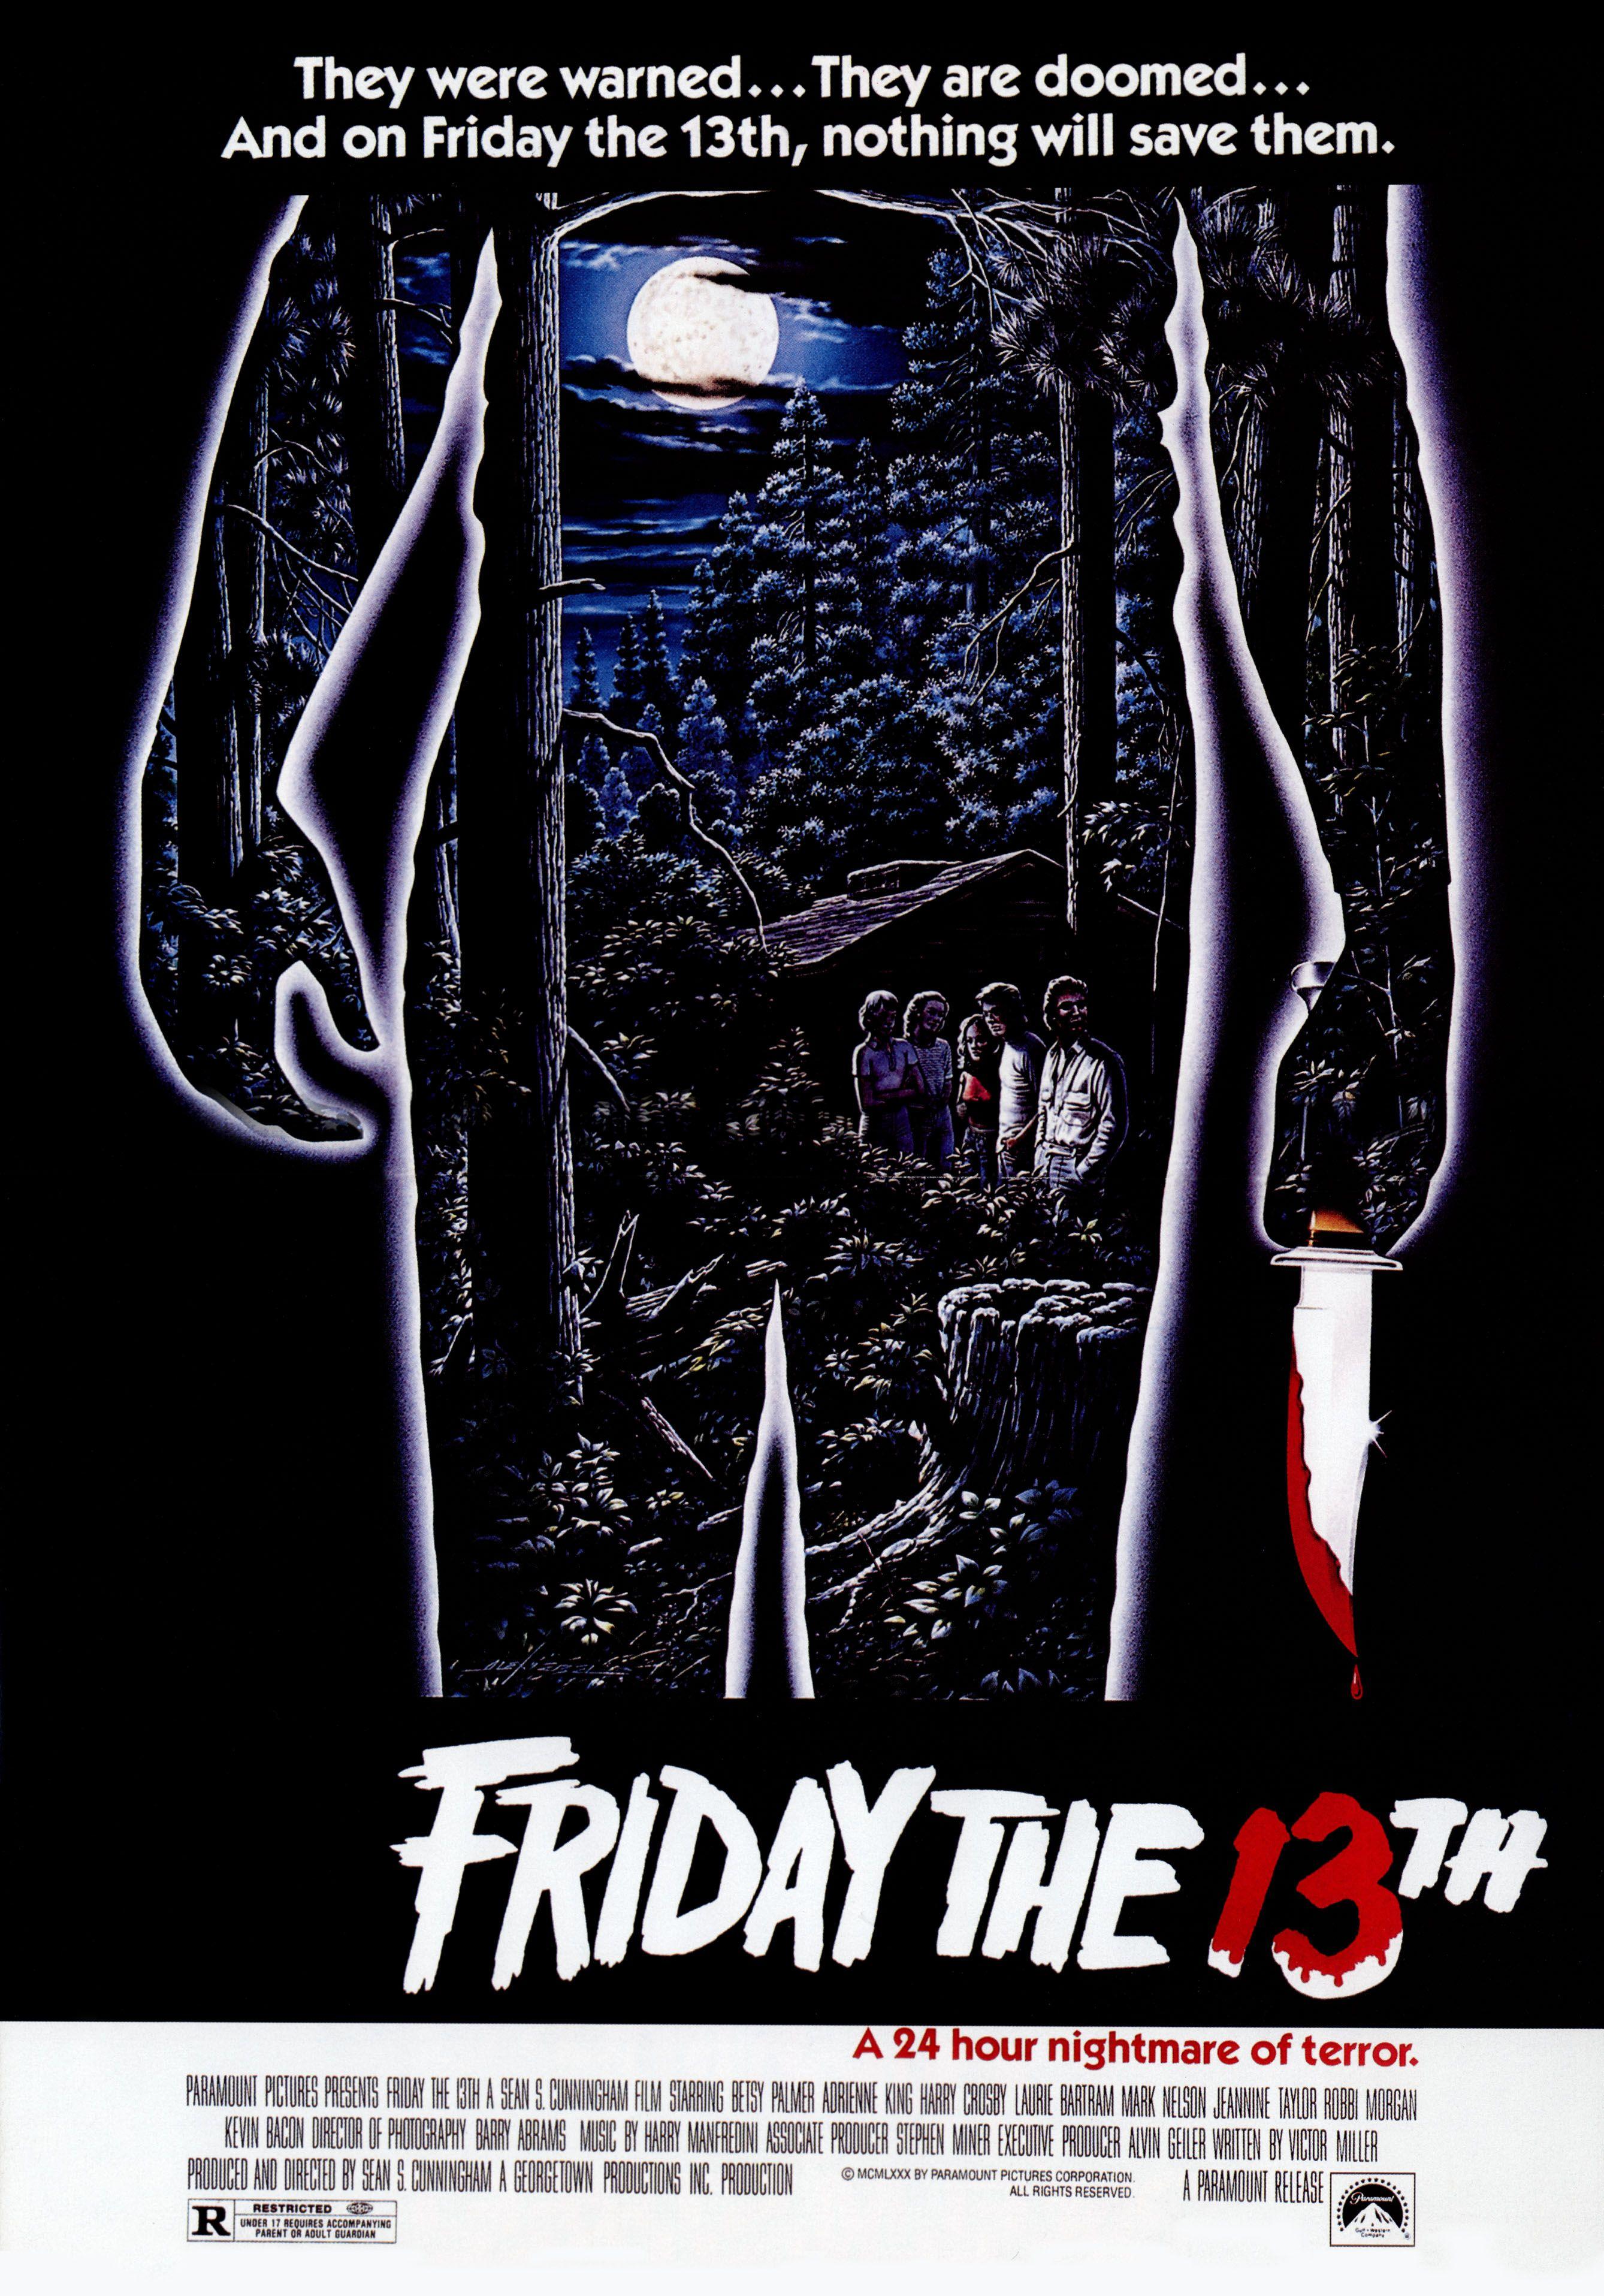 Friday the 13th 1980 sextafeira 13 cartazes de